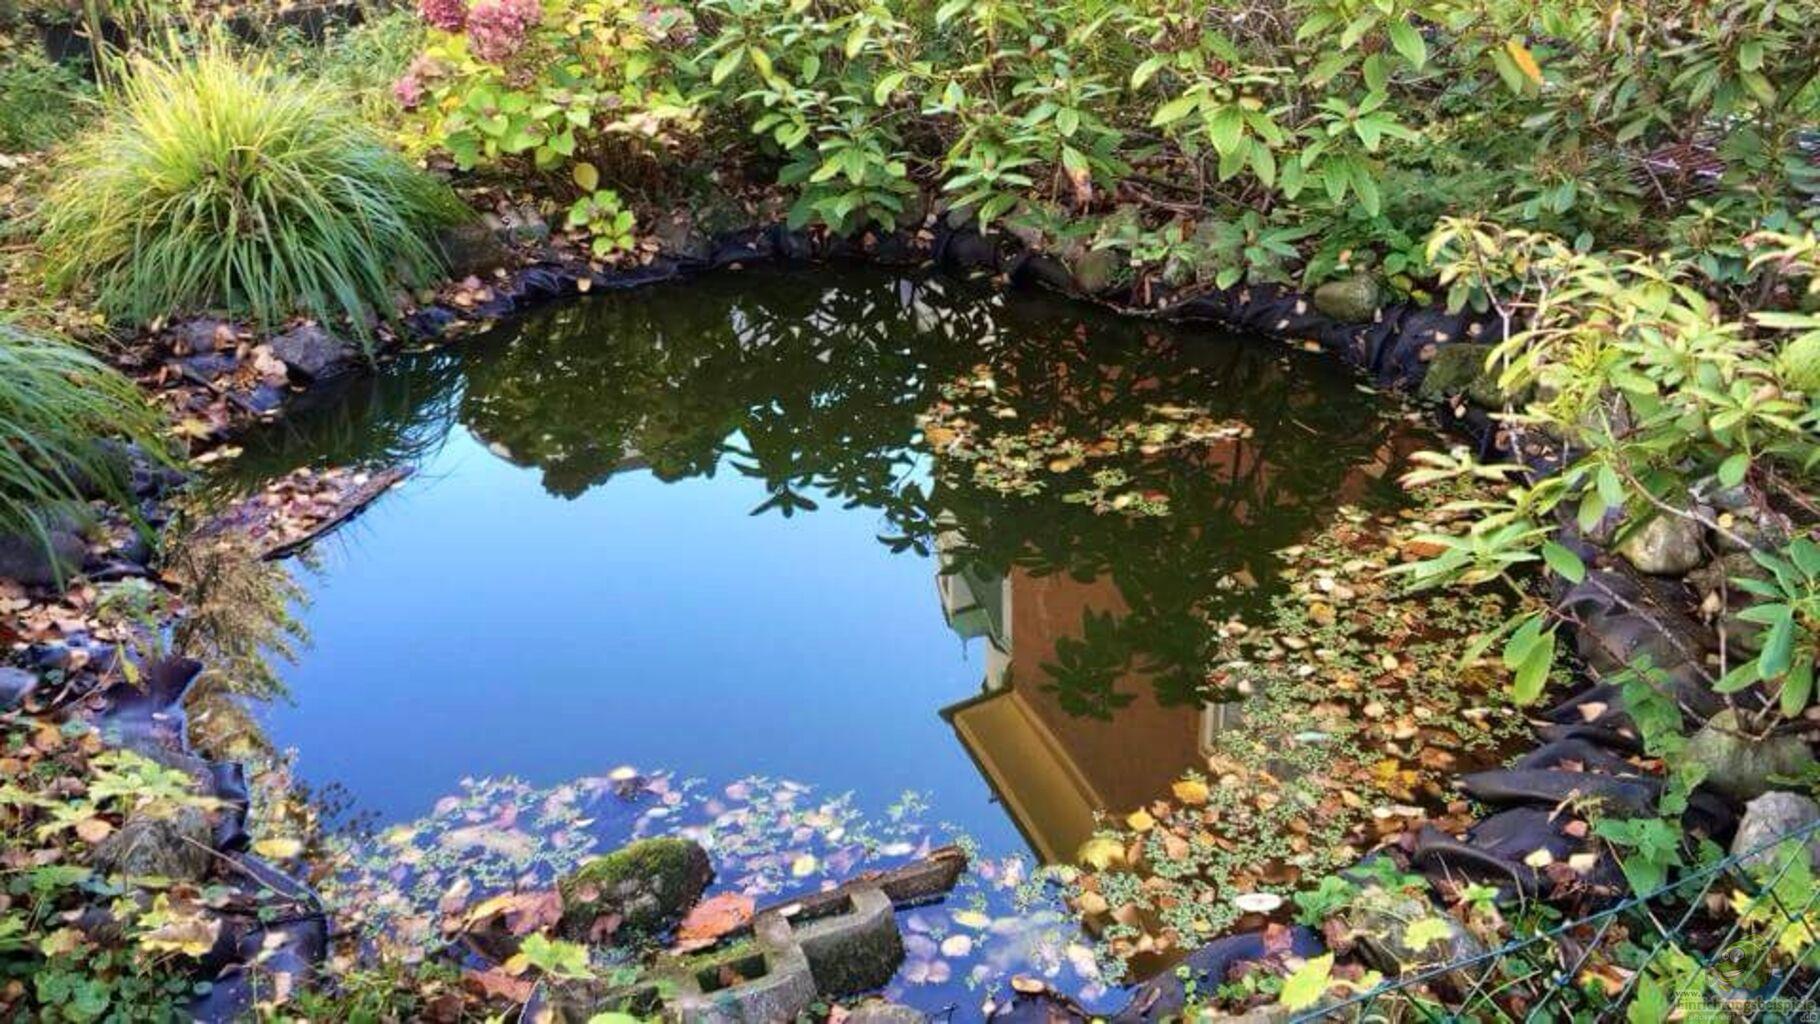 Der teich im herbst aus biotop schildkr ten wg teich for Zierfische im teich